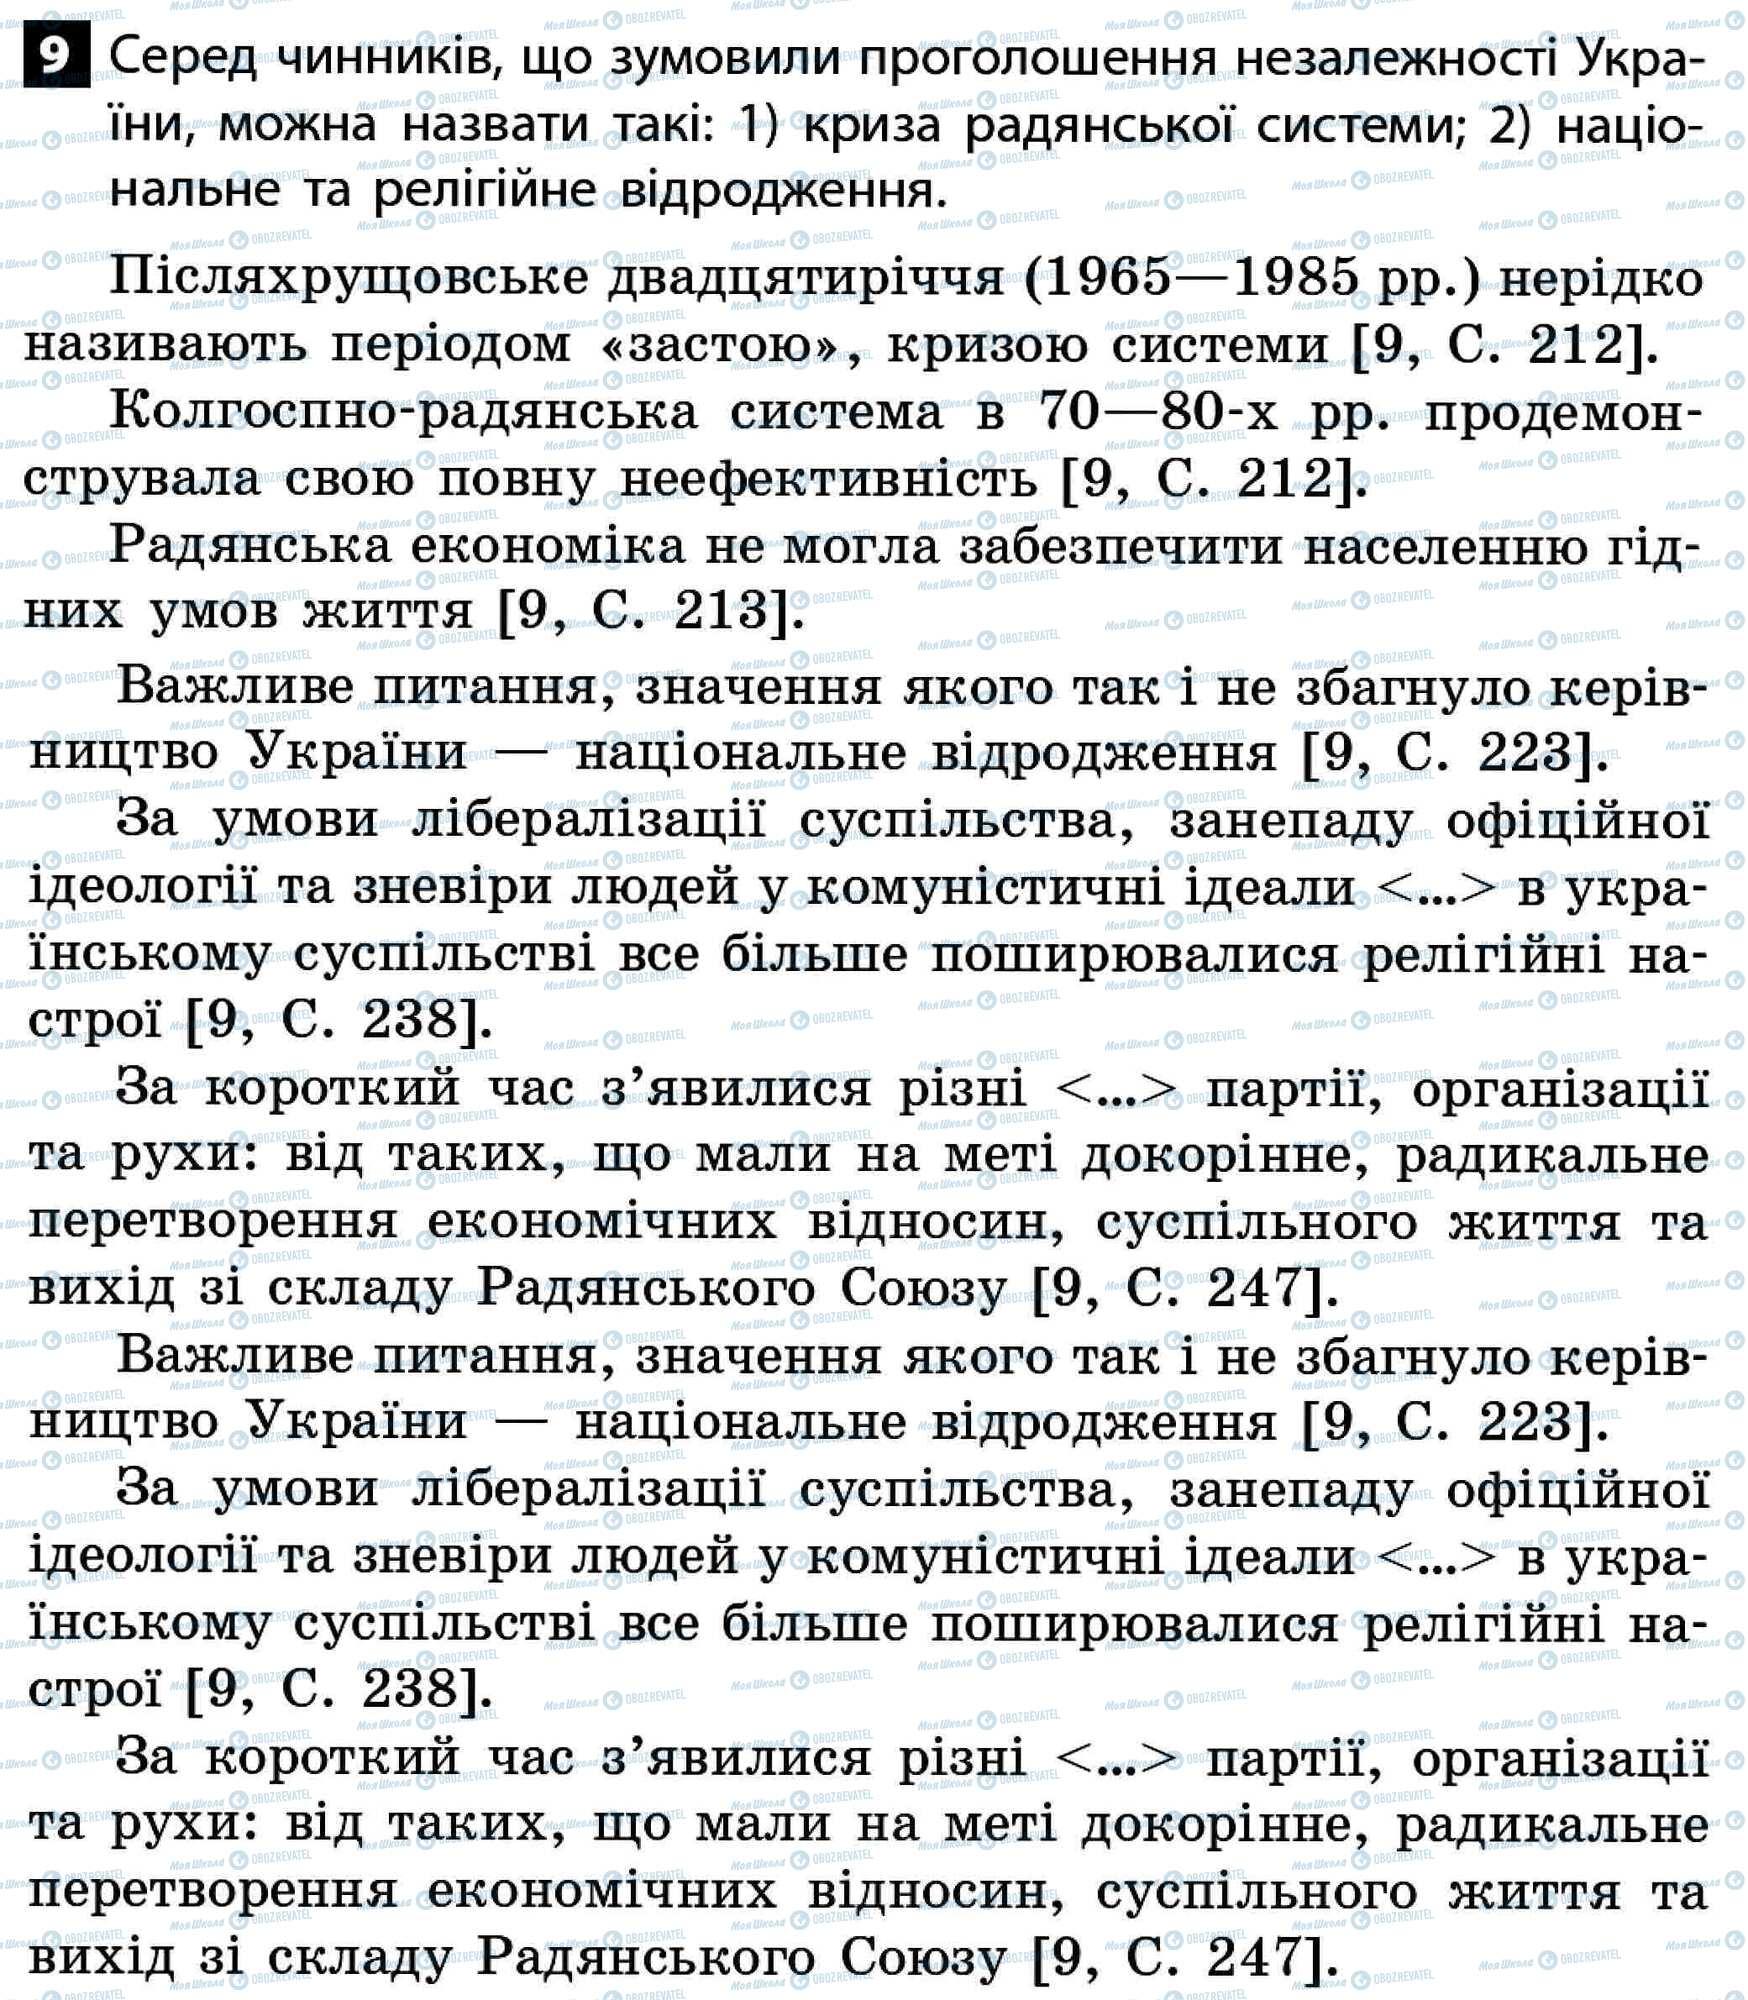 ДПА Історія України 11 клас сторінка 9